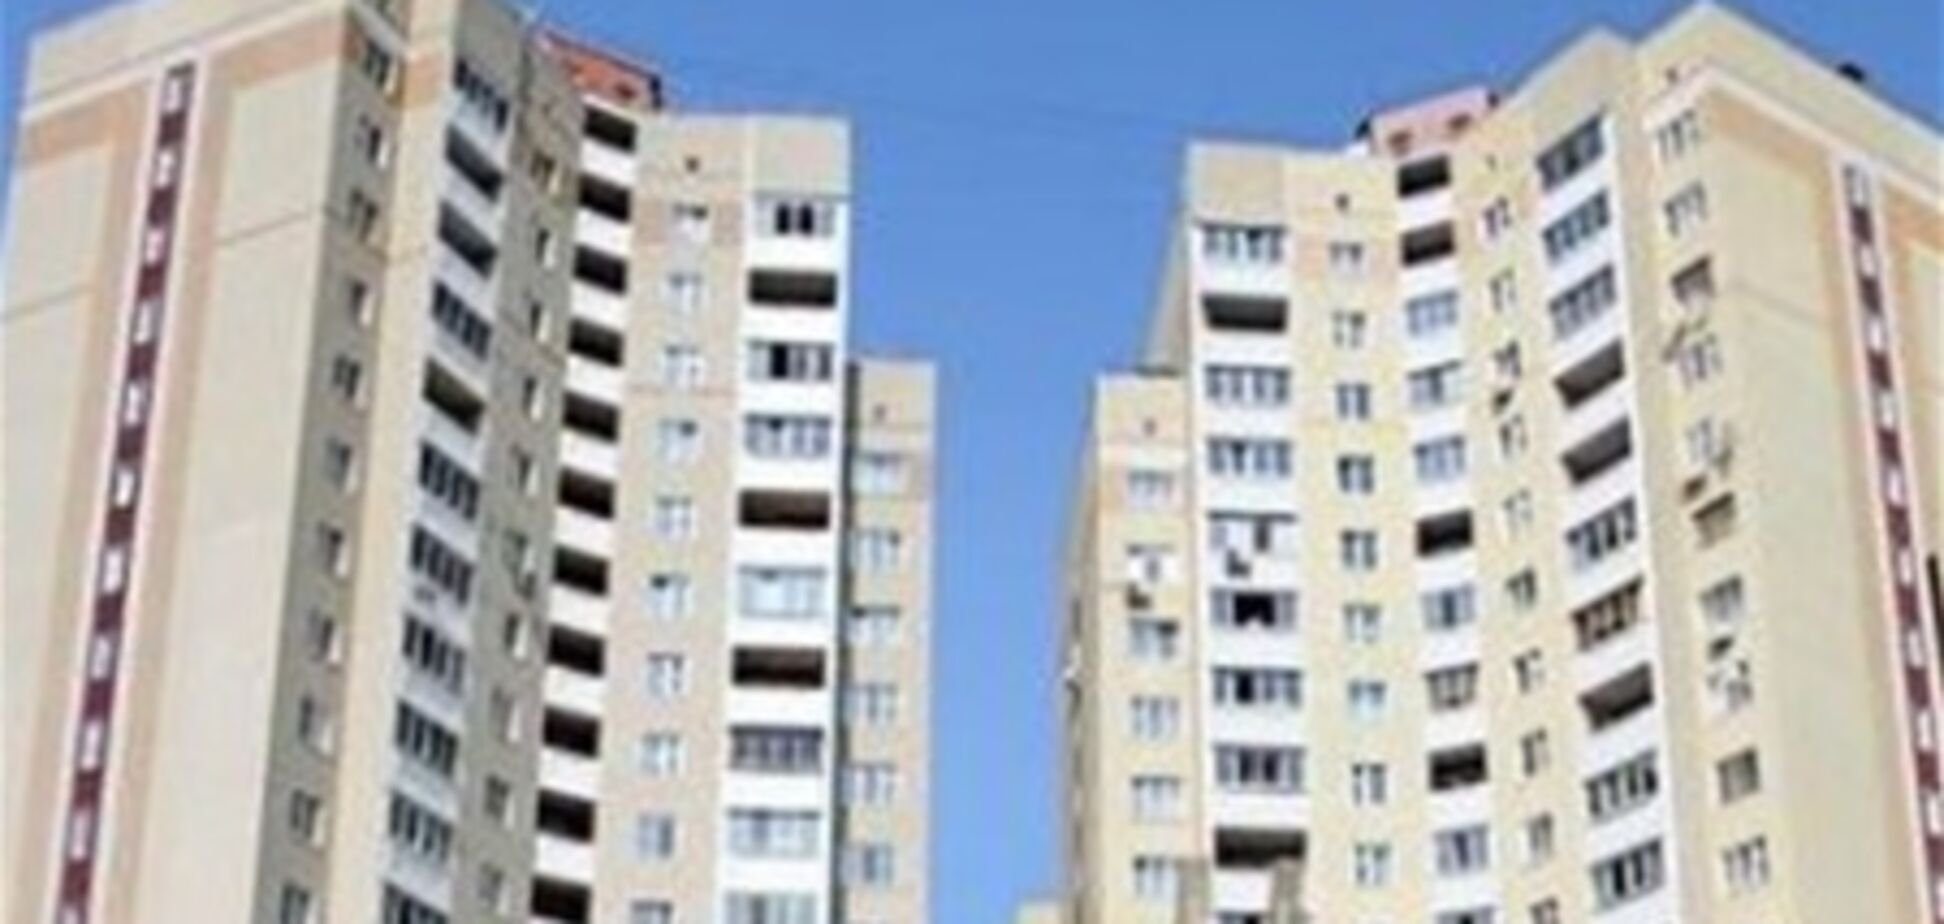 Аренда квартир в Харькове подешевела